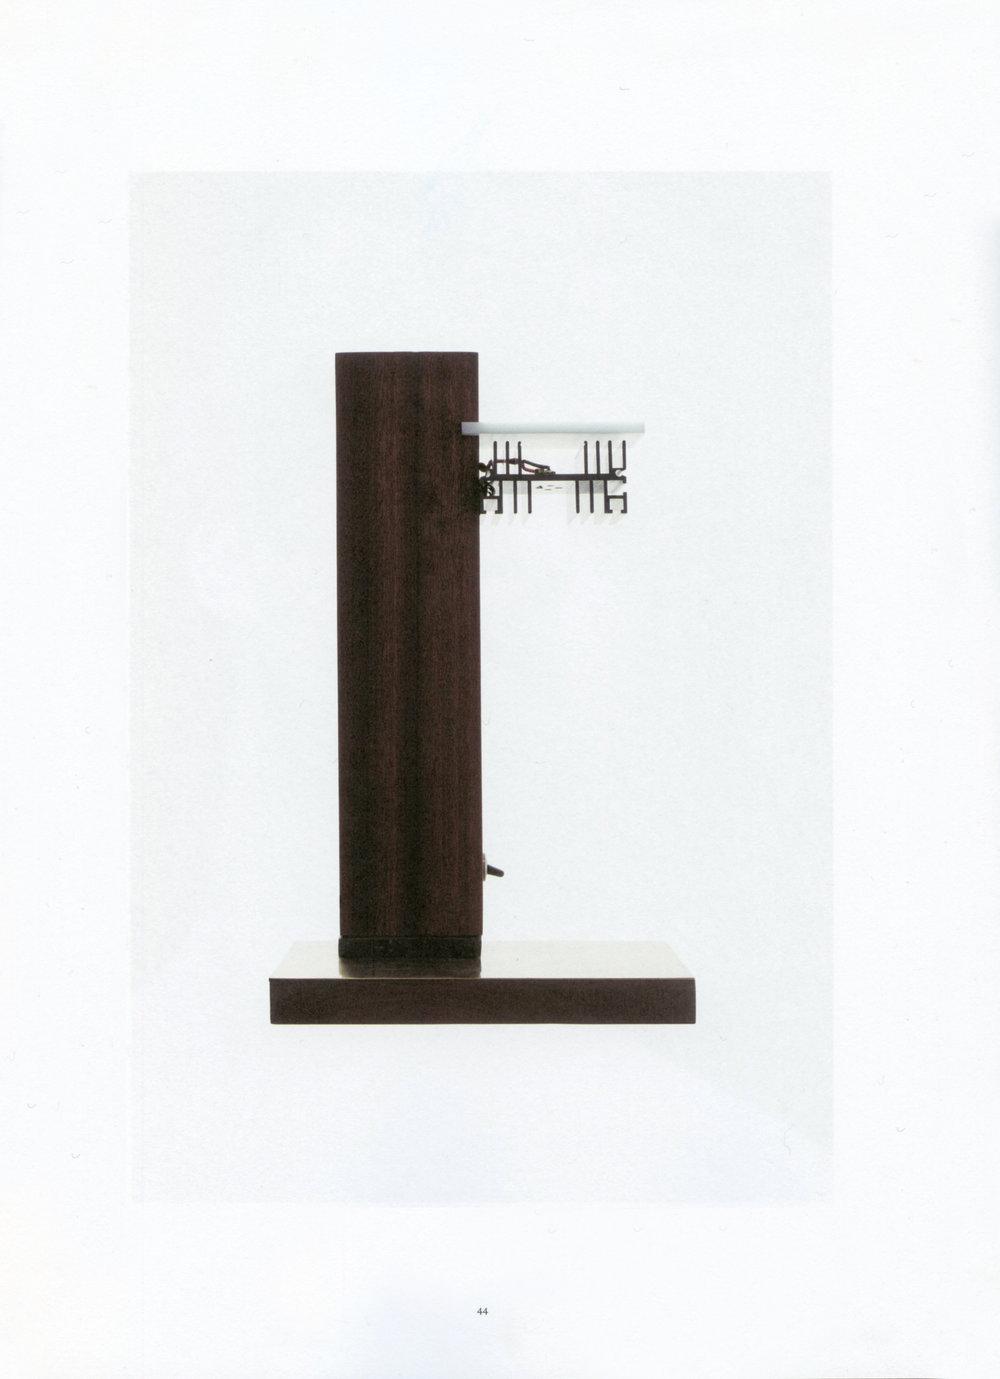 hofalt_foretviergemagazine_lucashoffalt_light_lamp_design